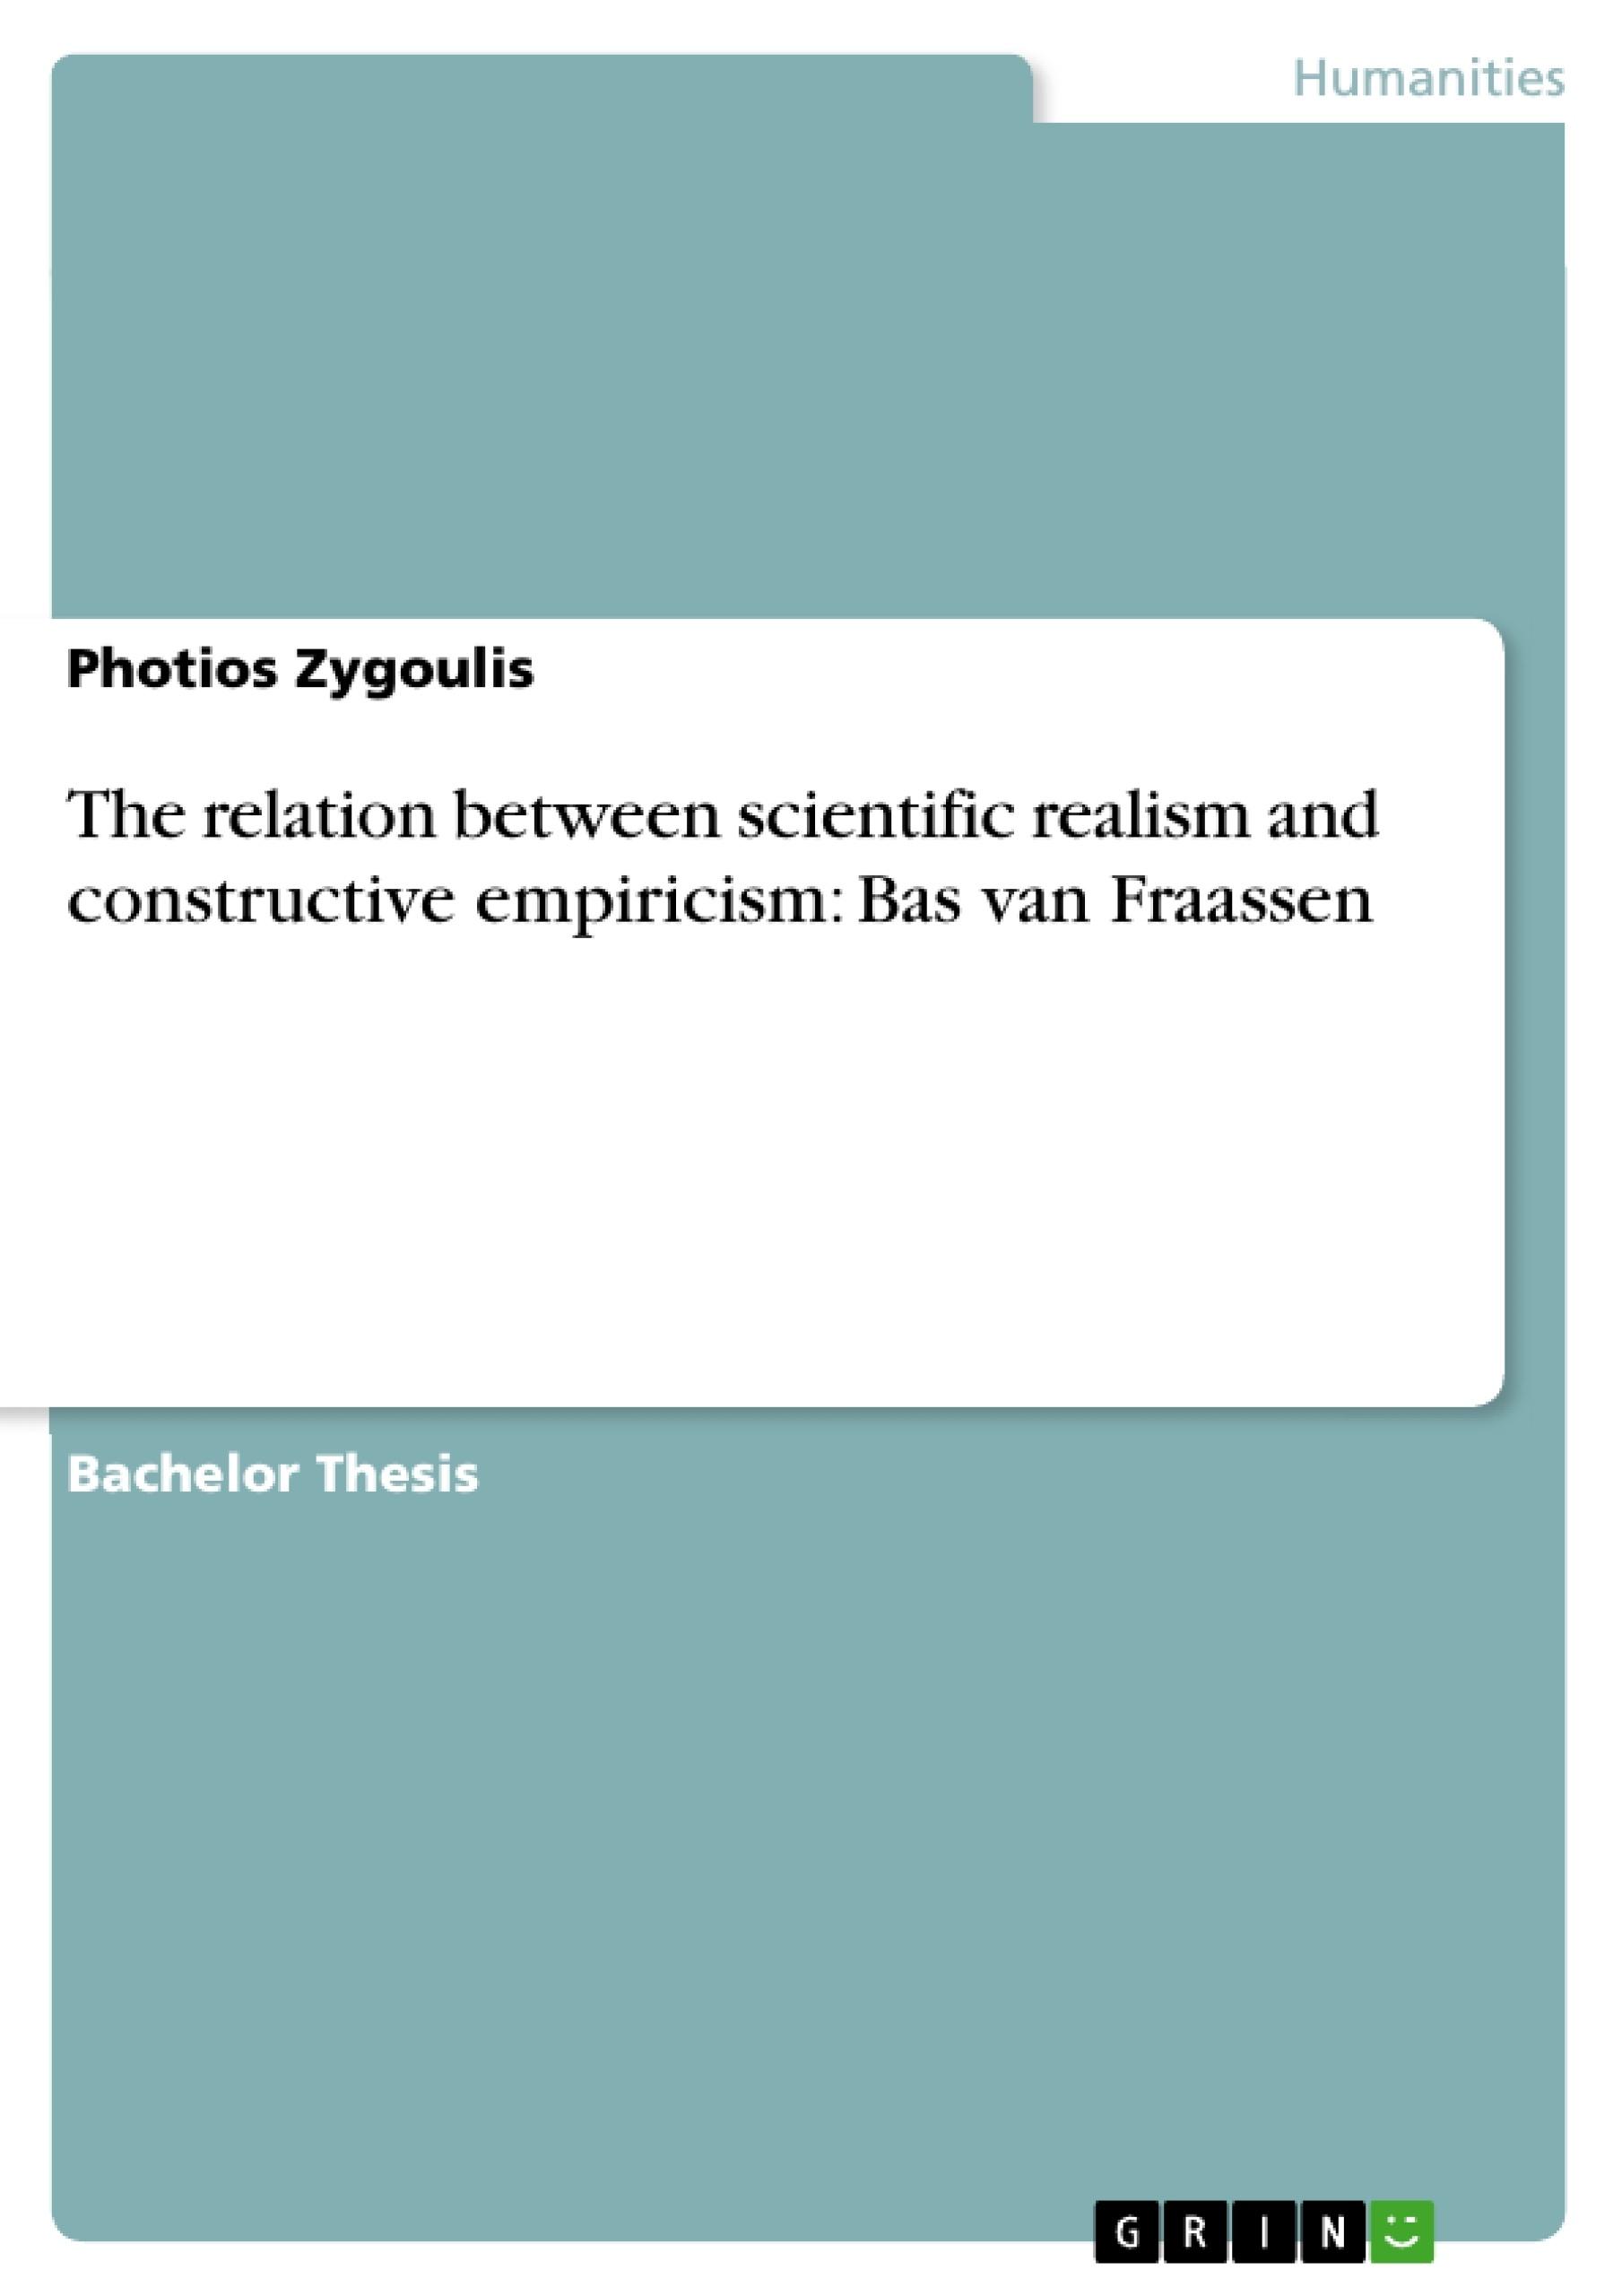 Title: The relation between scientific realism and constructive empiricism: Bas van Fraassen